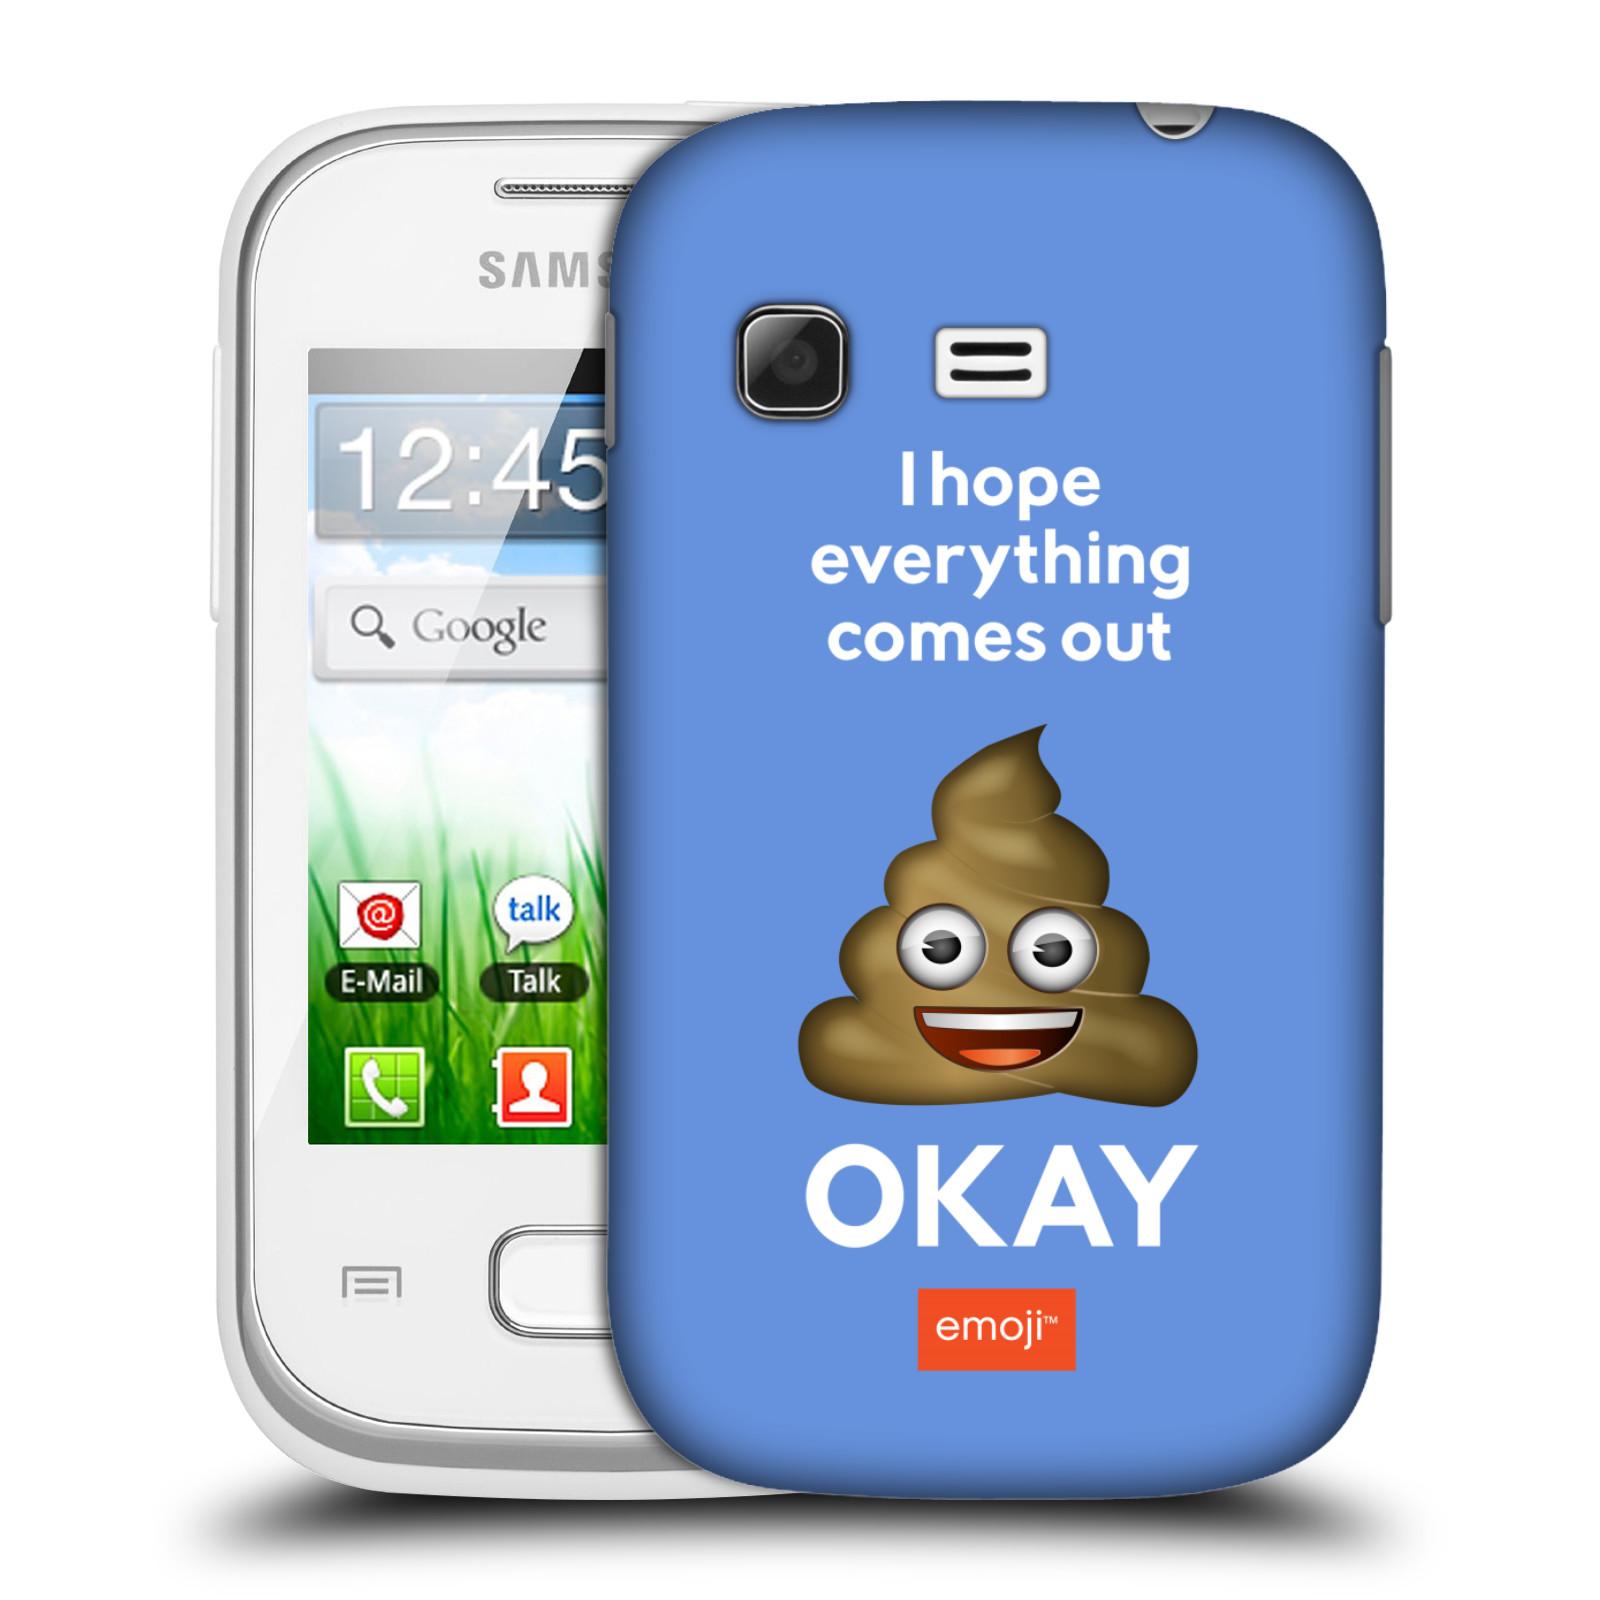 Plastové pouzdro na mobil Samsung Galaxy Pocket HEAD CASE EMOJI - Hovínko OKAY (Kryt či obal s oficiálním motivem EMOJI na mobilní telefon Samsung Galaxy Pocket GT-S5300)